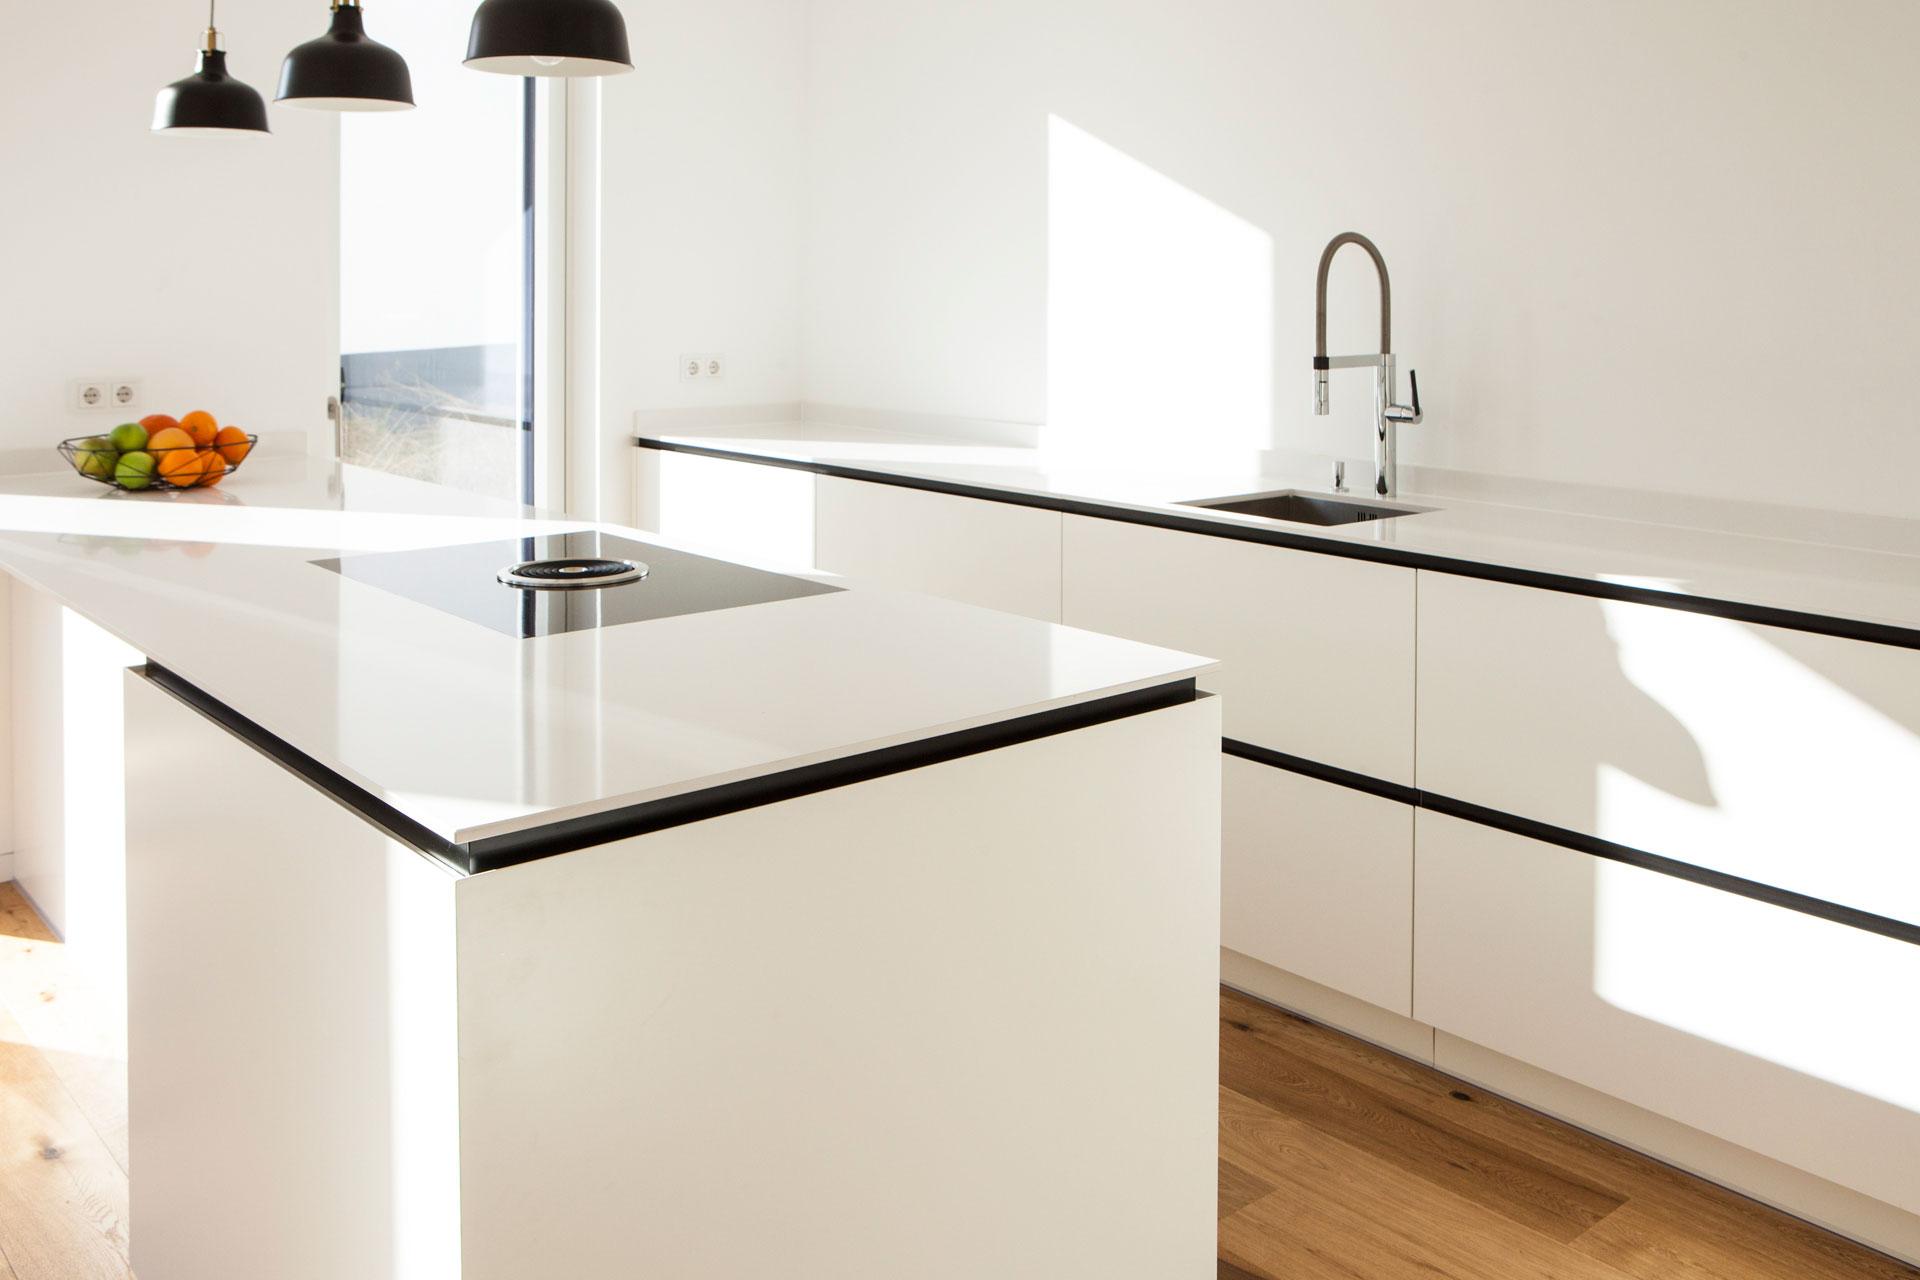 k che mit esszimmer einbauschrank 1447 schreinerei steinberger bubach m belschreiner. Black Bedroom Furniture Sets. Home Design Ideas